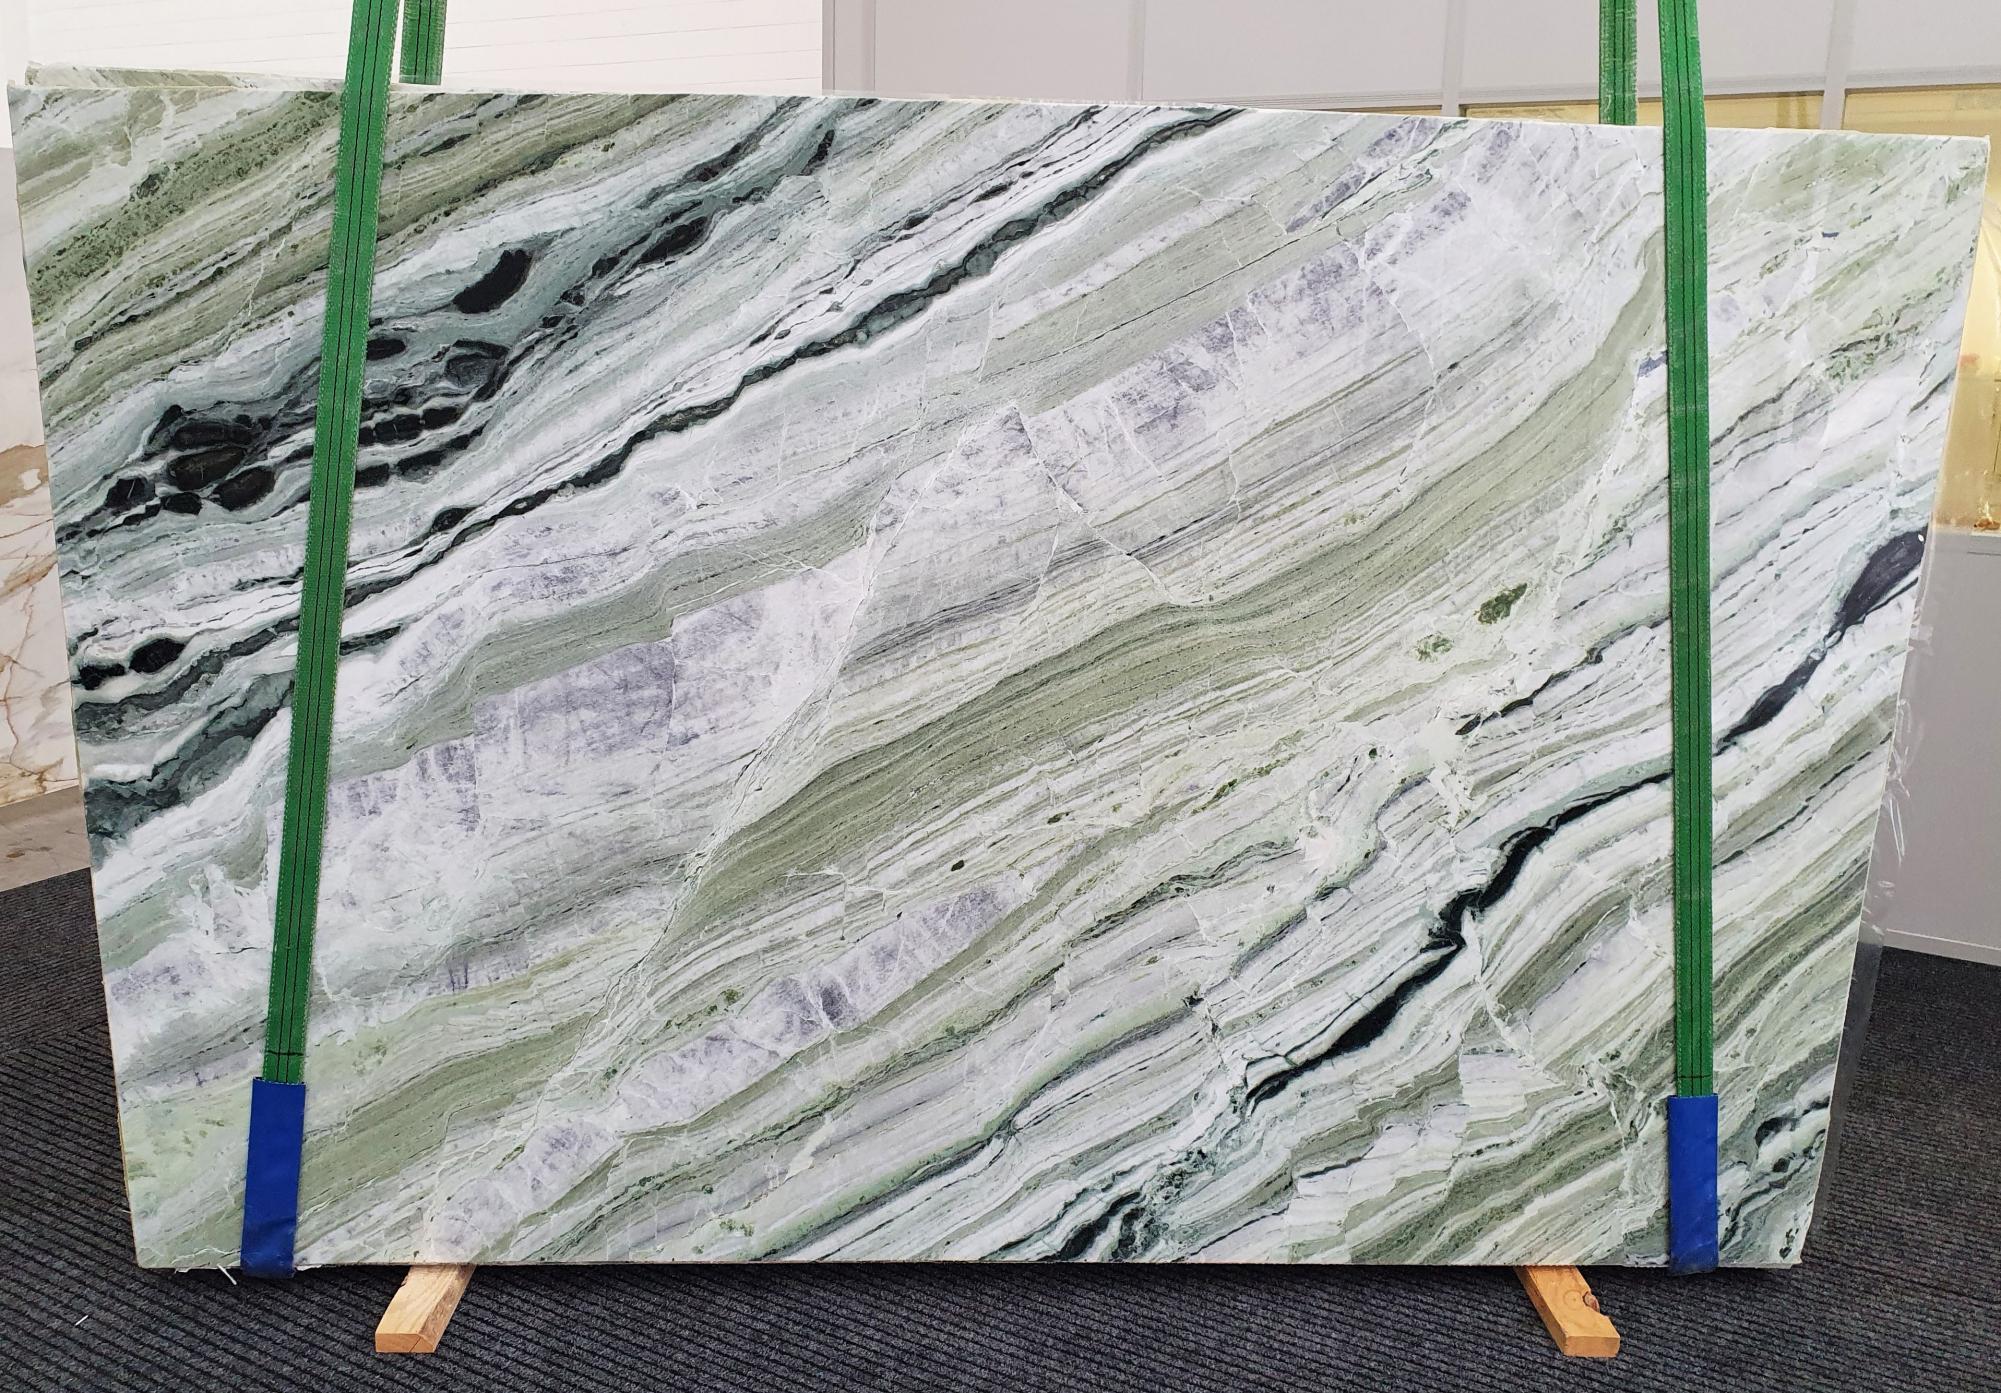 GREEN BEAUTY Suministro Veneto (Italia) de planchas pulidas en mármol natural 1452 , Slab #10